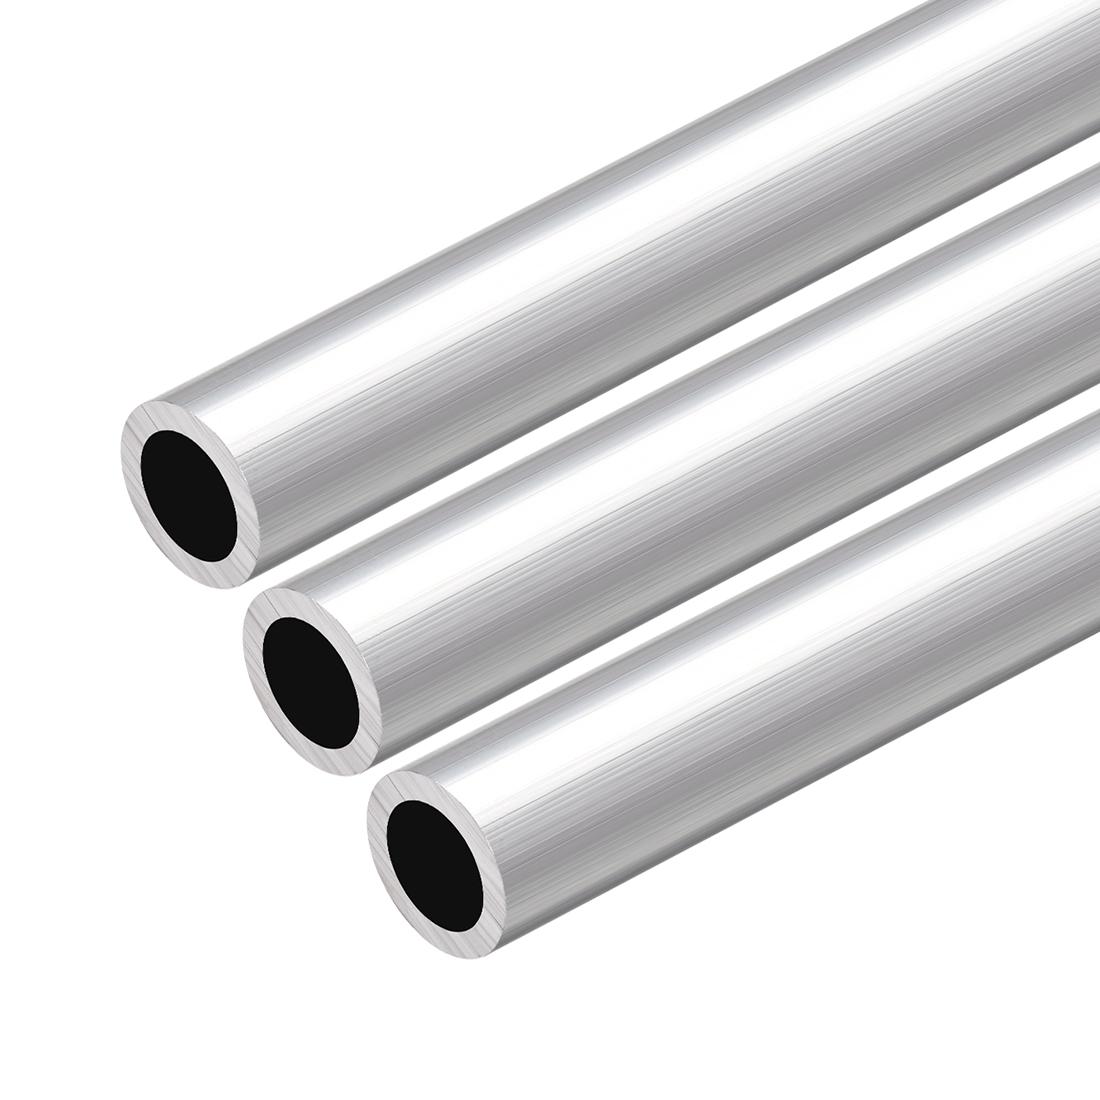 6063 Aluminum Round Tube 300mm Length 20mm OD 14mm Inner Dia Seamless Tube 3 Pcs